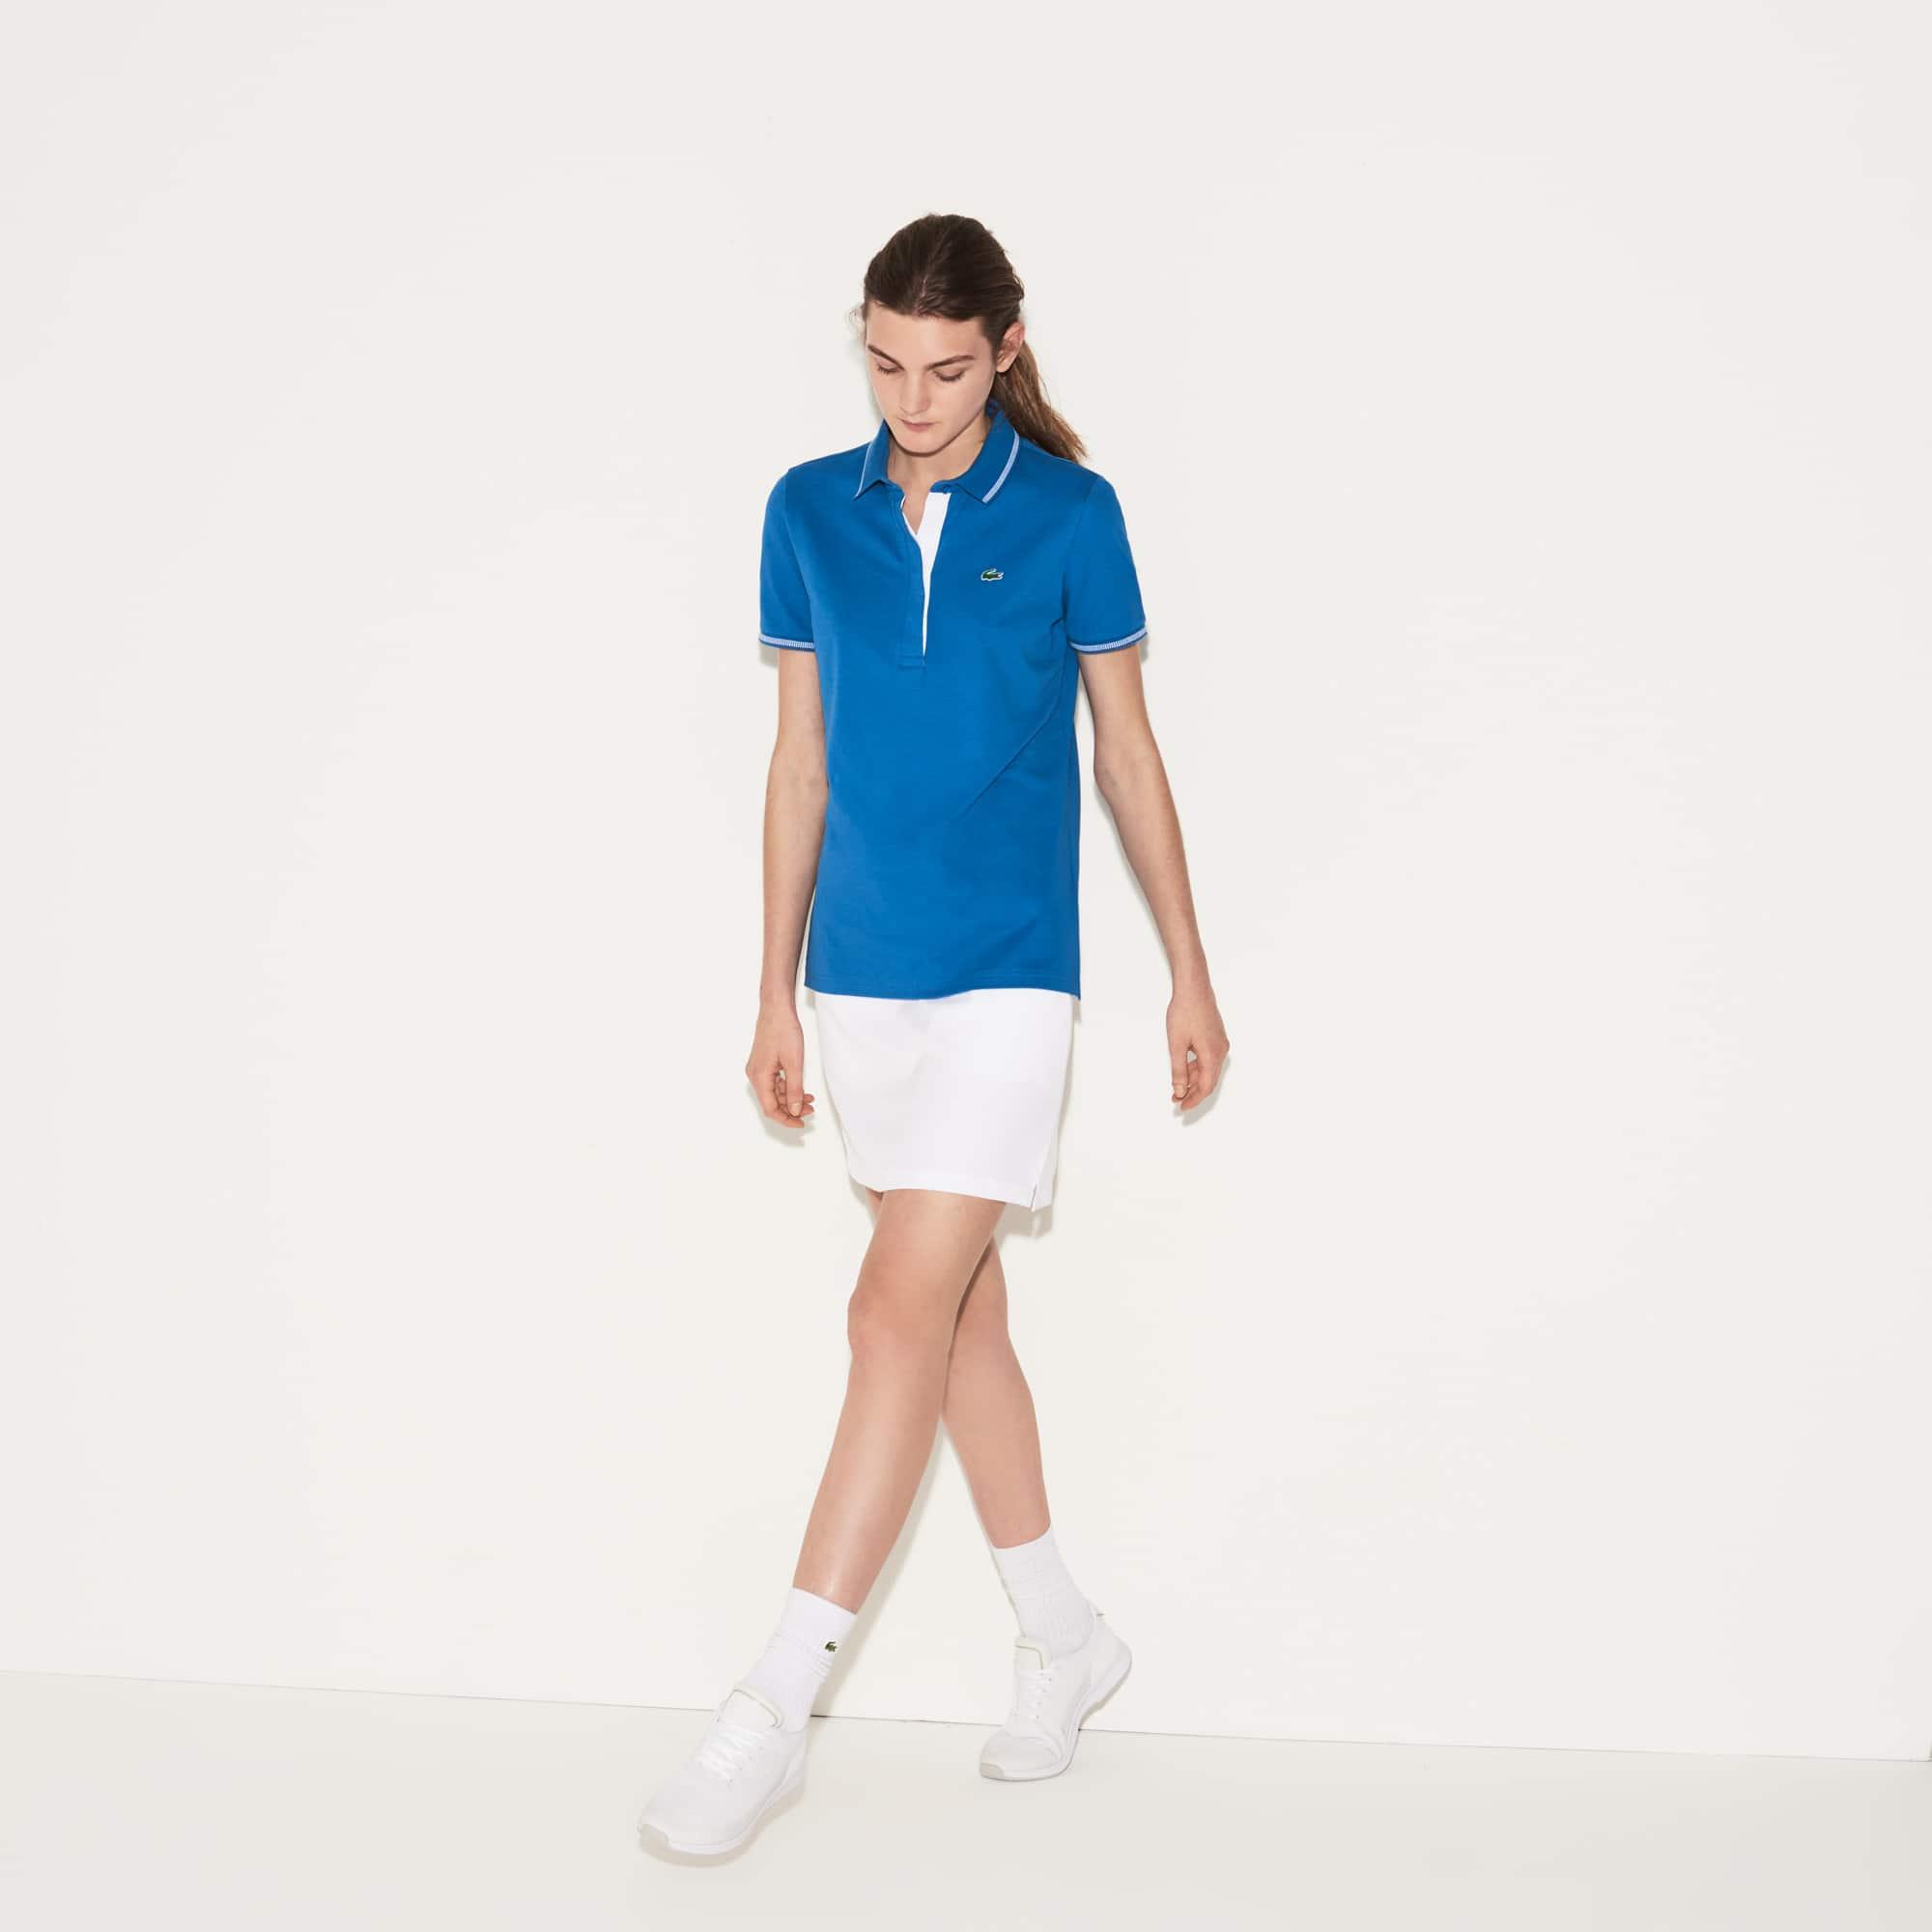 Polo técnico Golf Lacoste SPORT en algodón ligero elástico liso